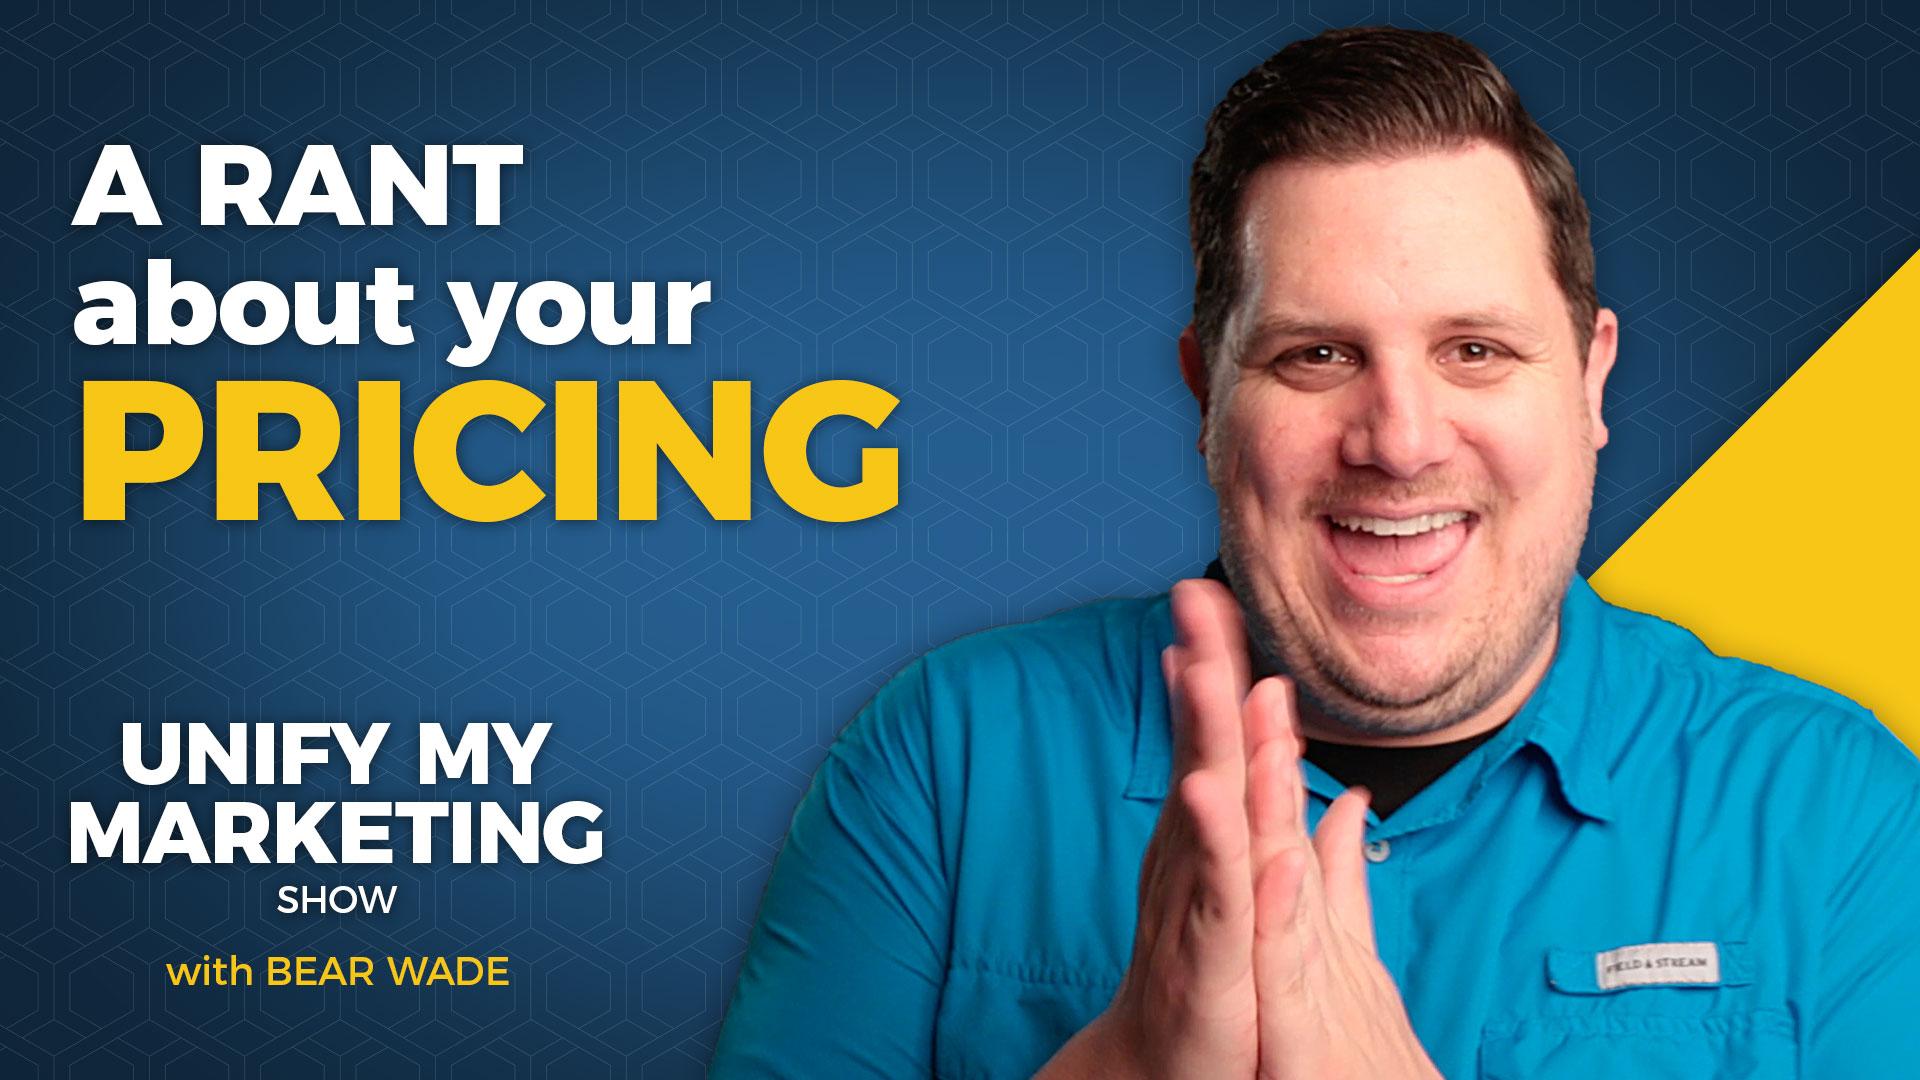 Unify My Marketing Show